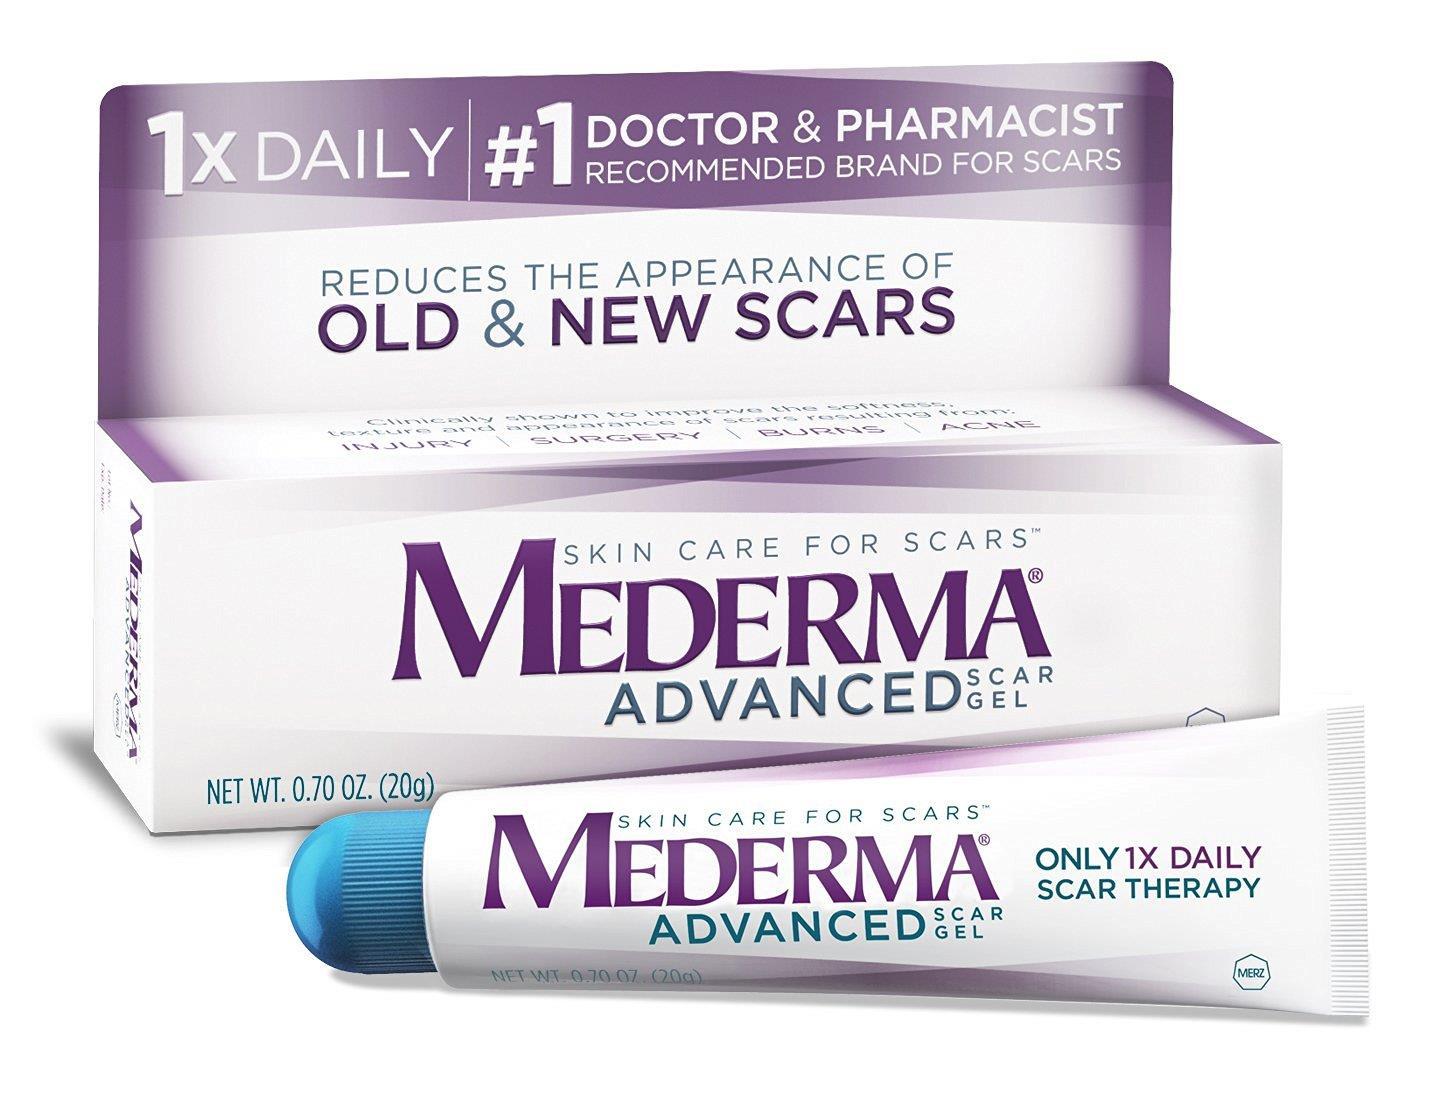 Đánh giá chi tiết Kem trị sẹo Mederma